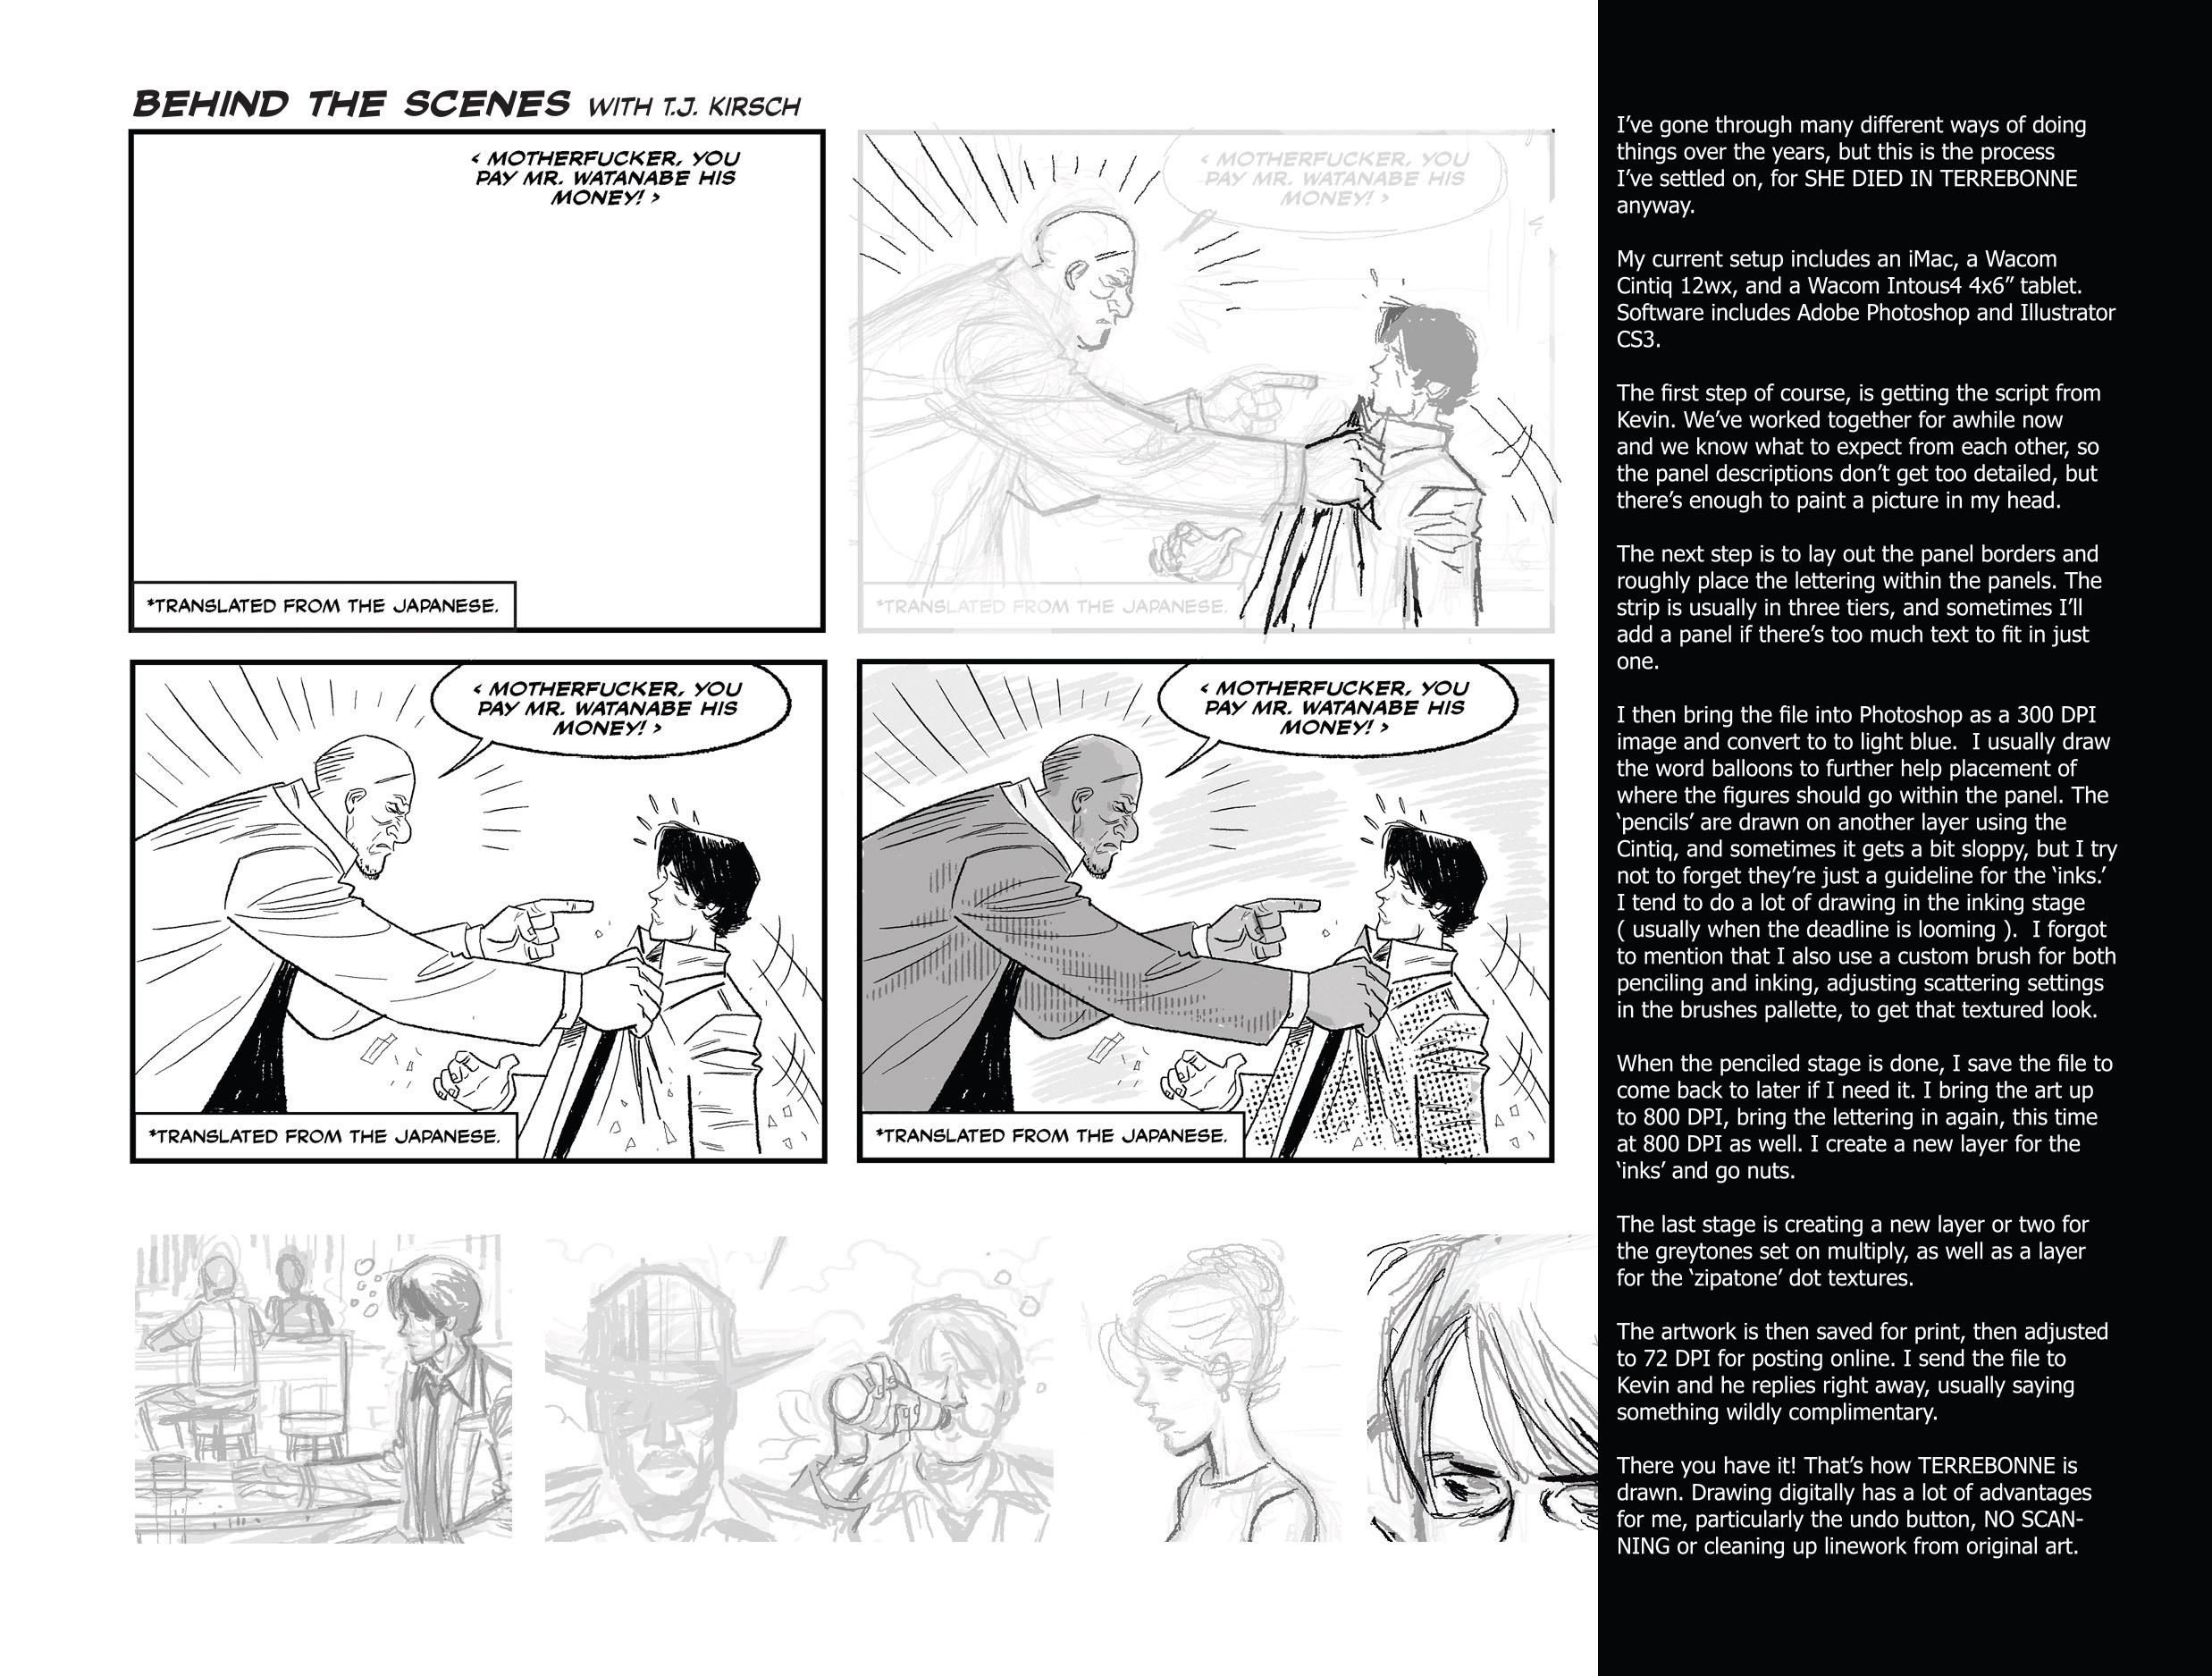 Read online She Died In Terrebonne comic -  Issue #2 - 25